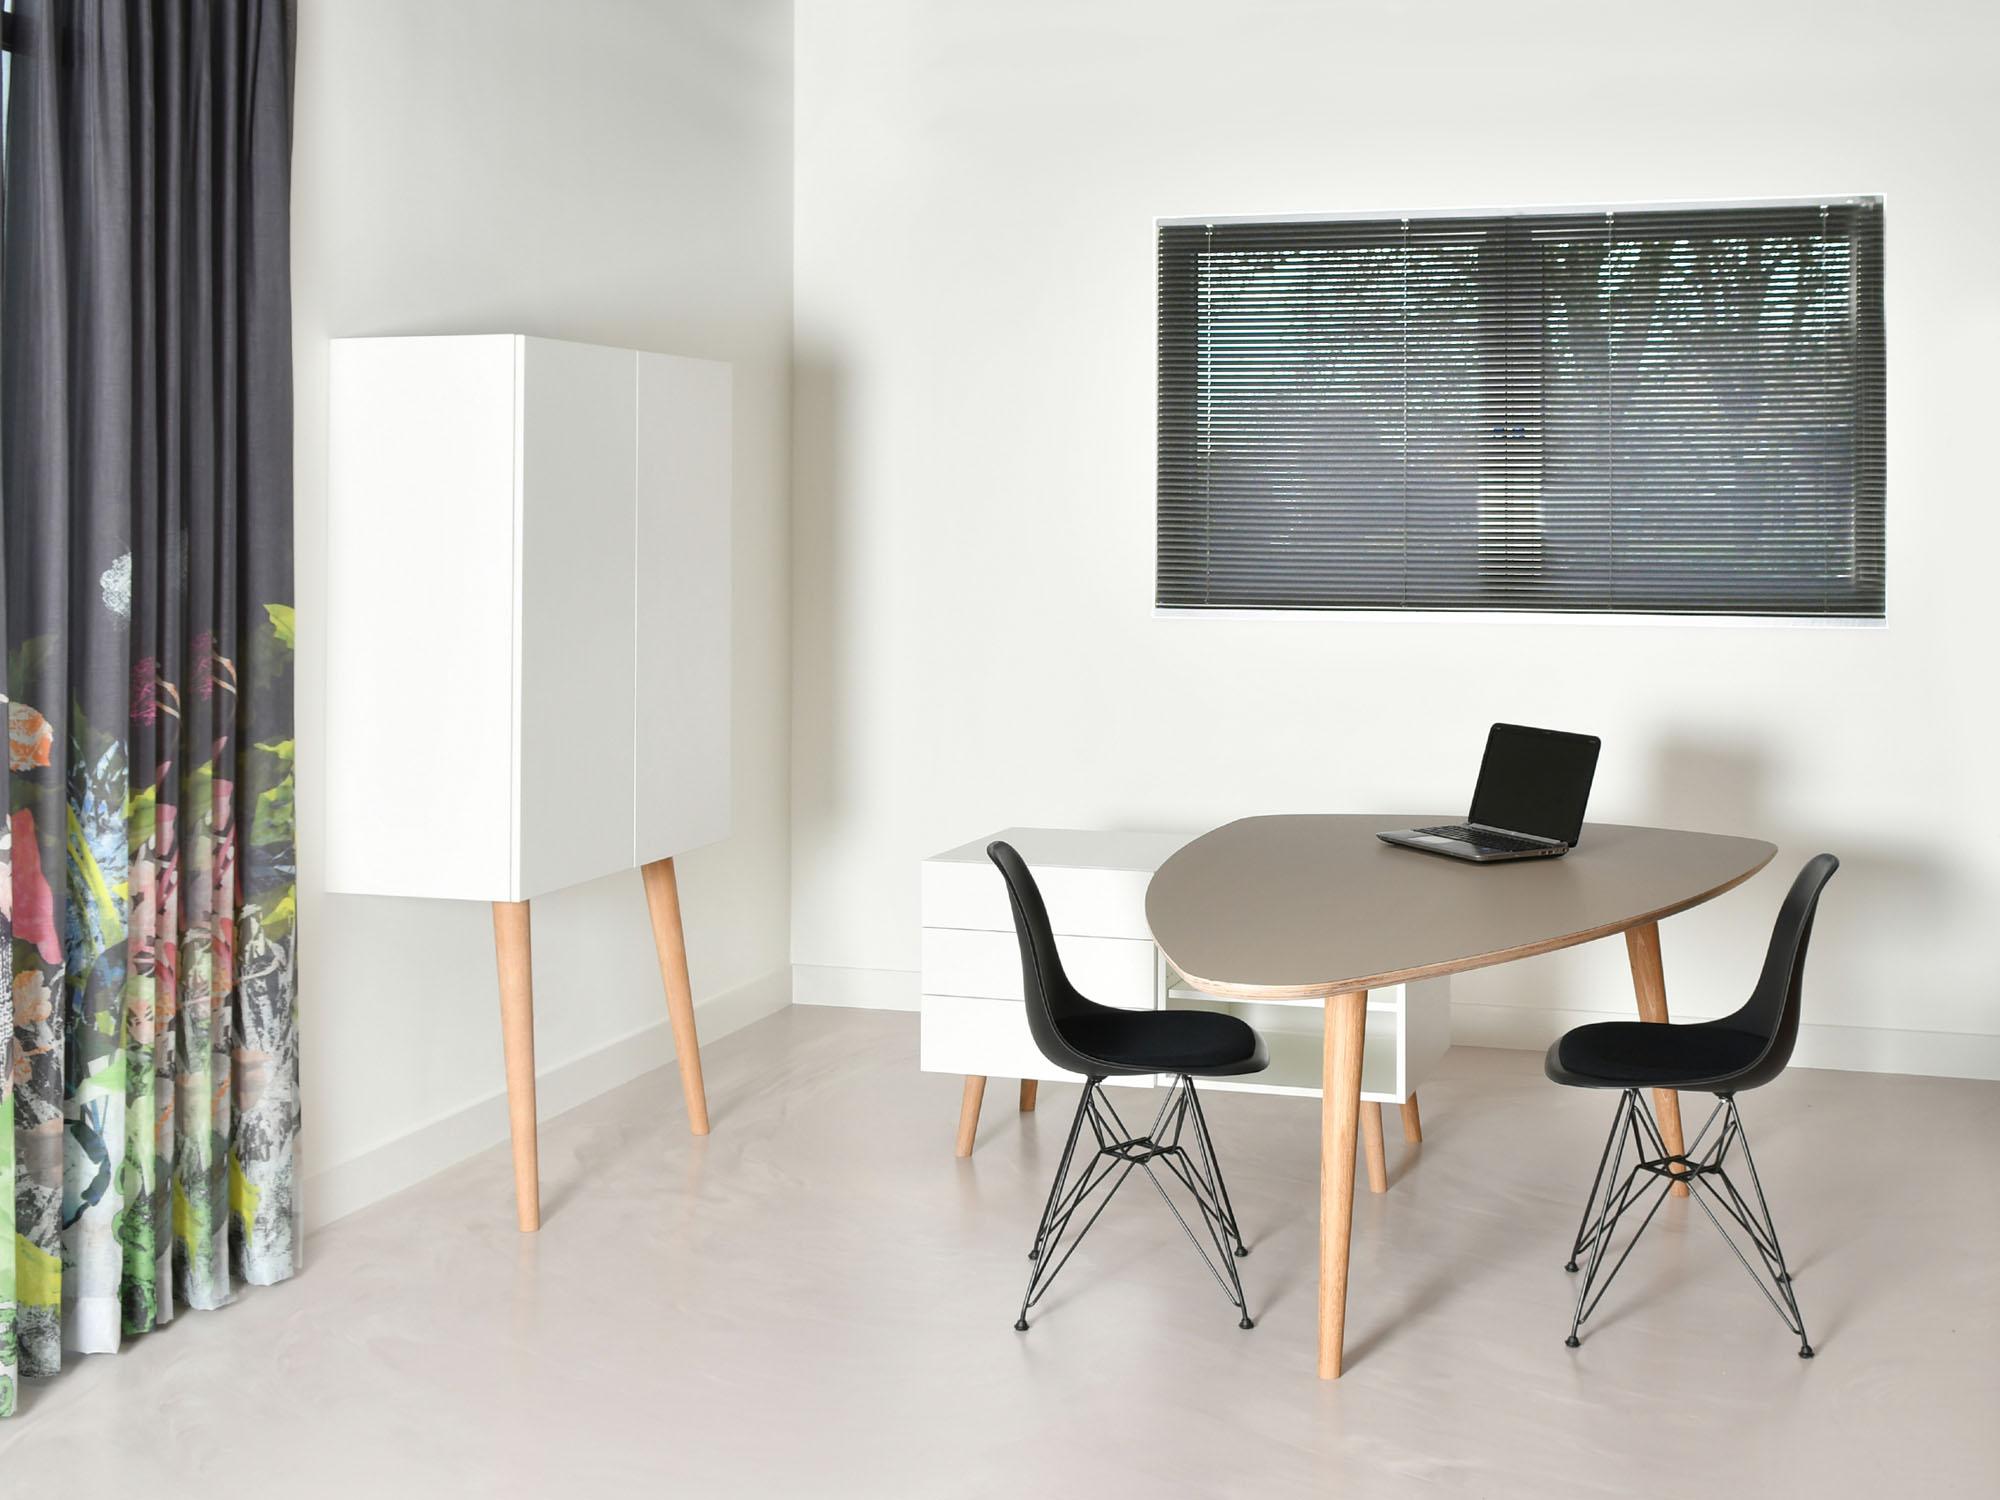 RP-leunkast en RP-bureau, ontwerp door Coen Castelijn